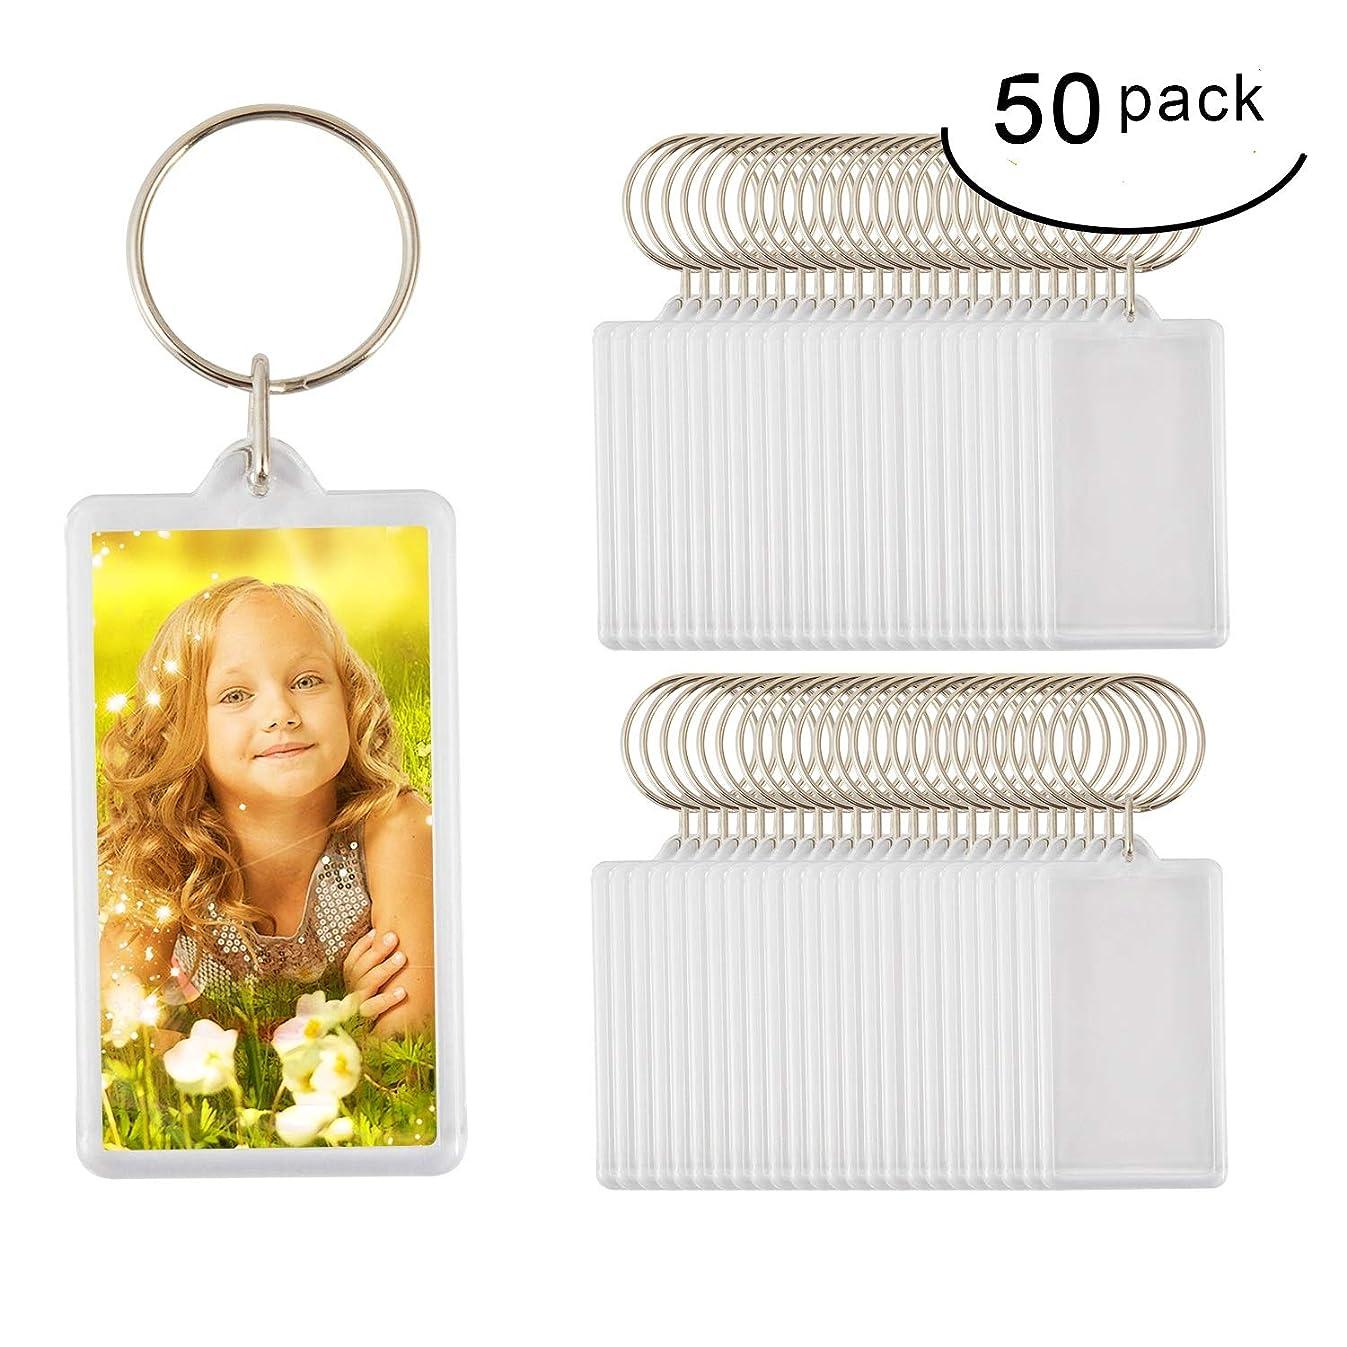 50pcs Custom Personalised Insert Photo Acrylic Blank Keyring Keychain Wholesale(Size:2